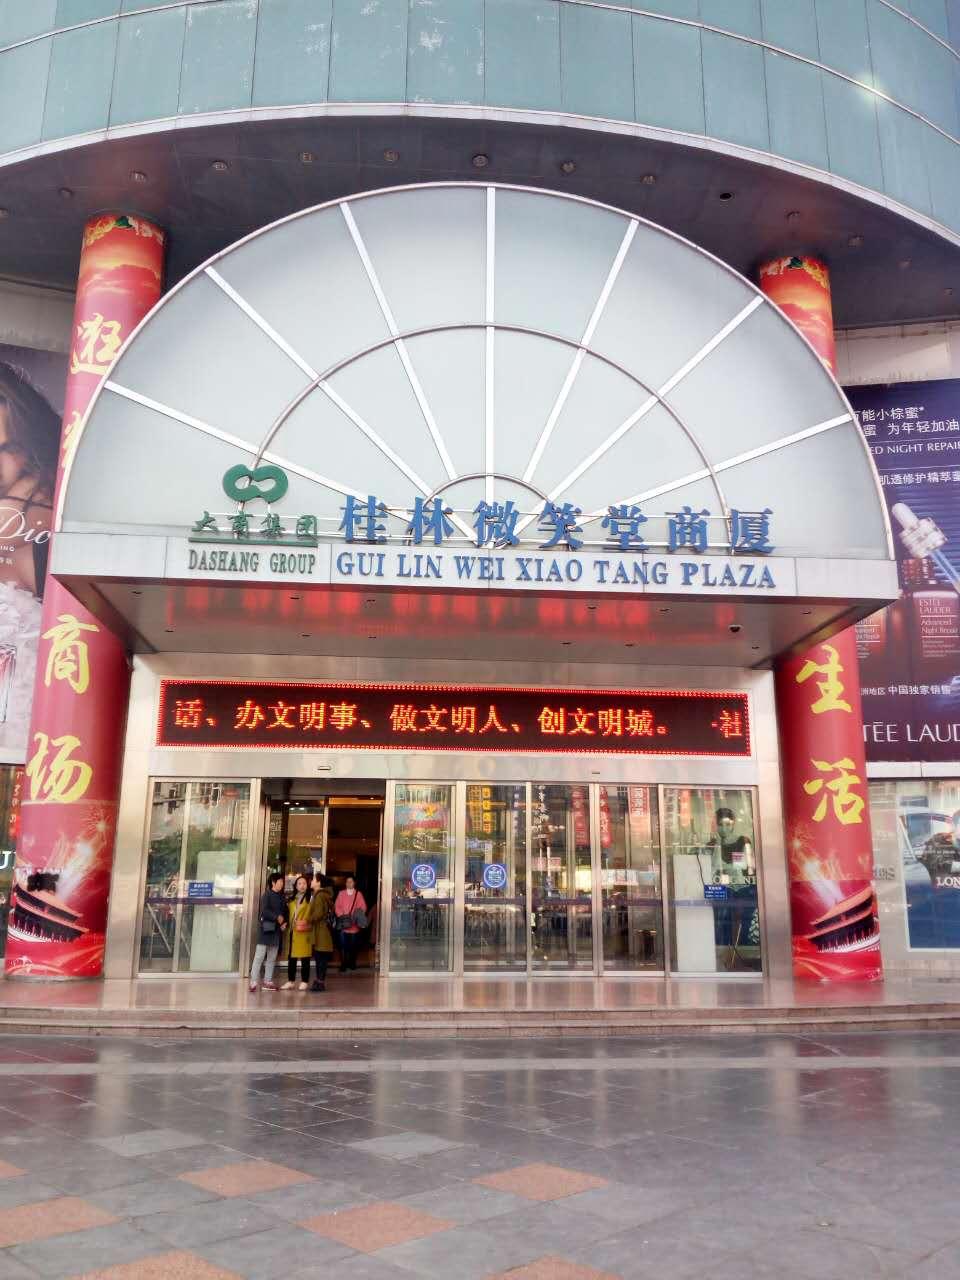 桂林微笑堂商厦